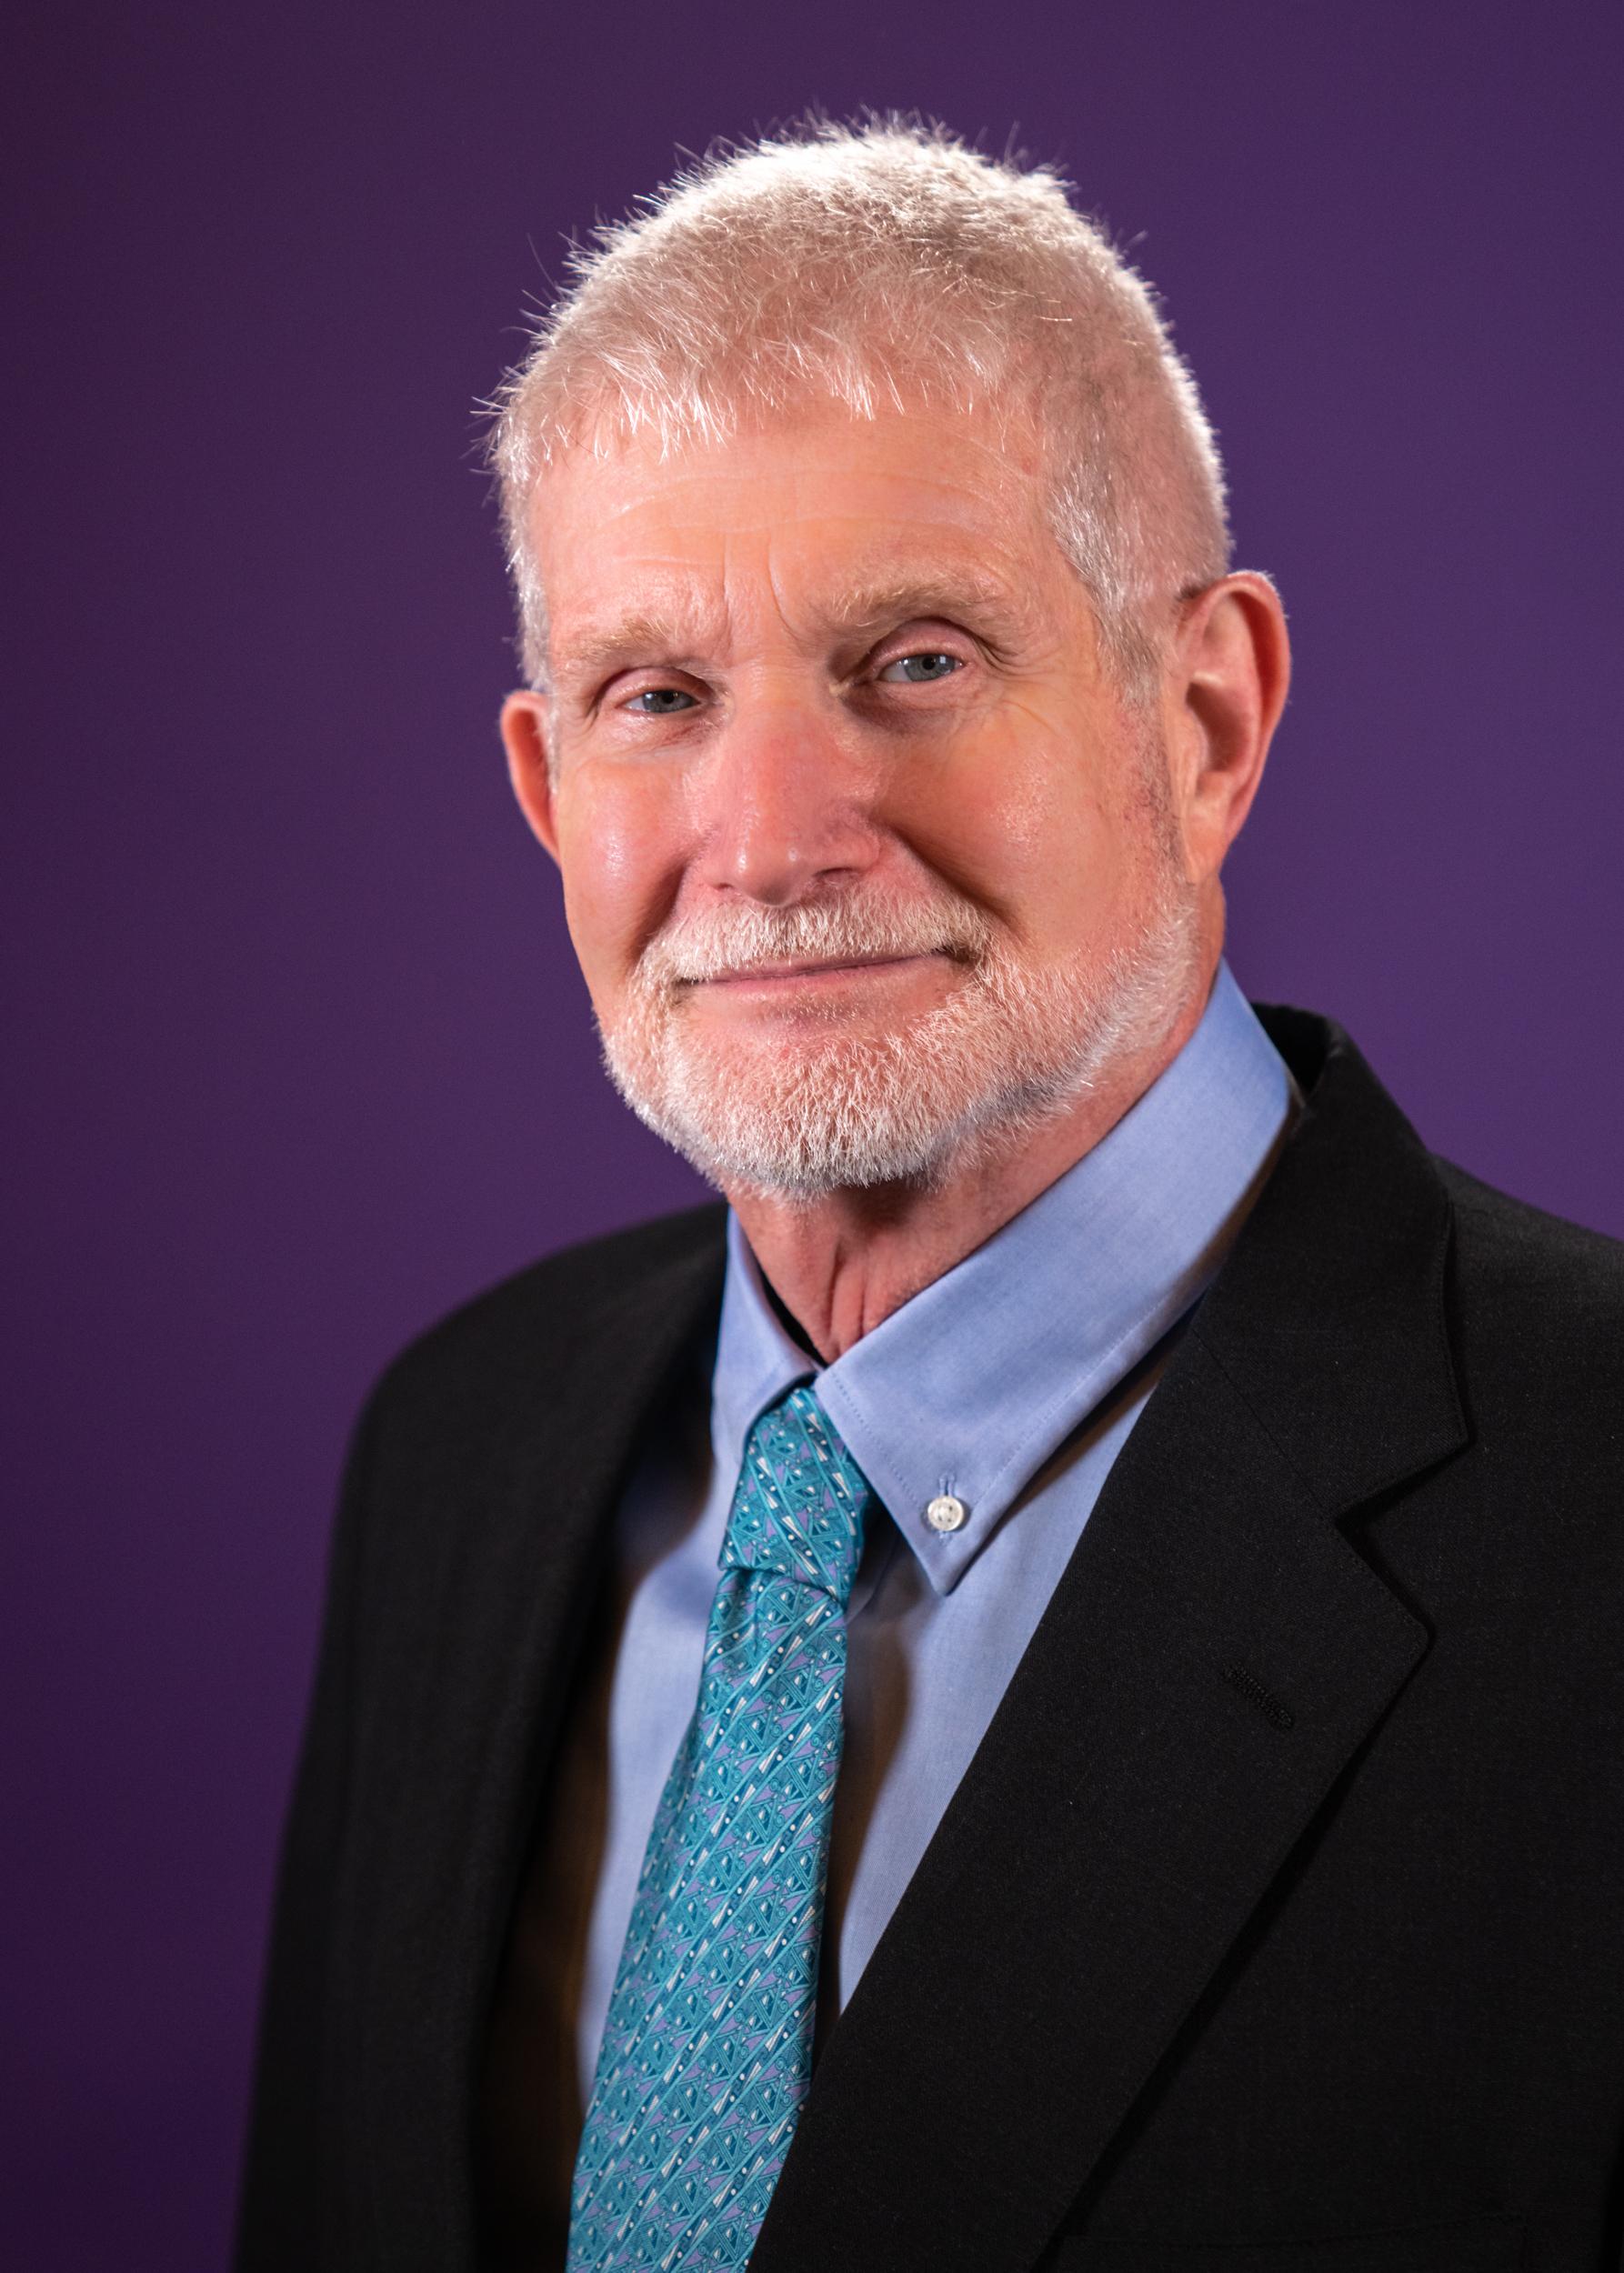 Mike Levitt